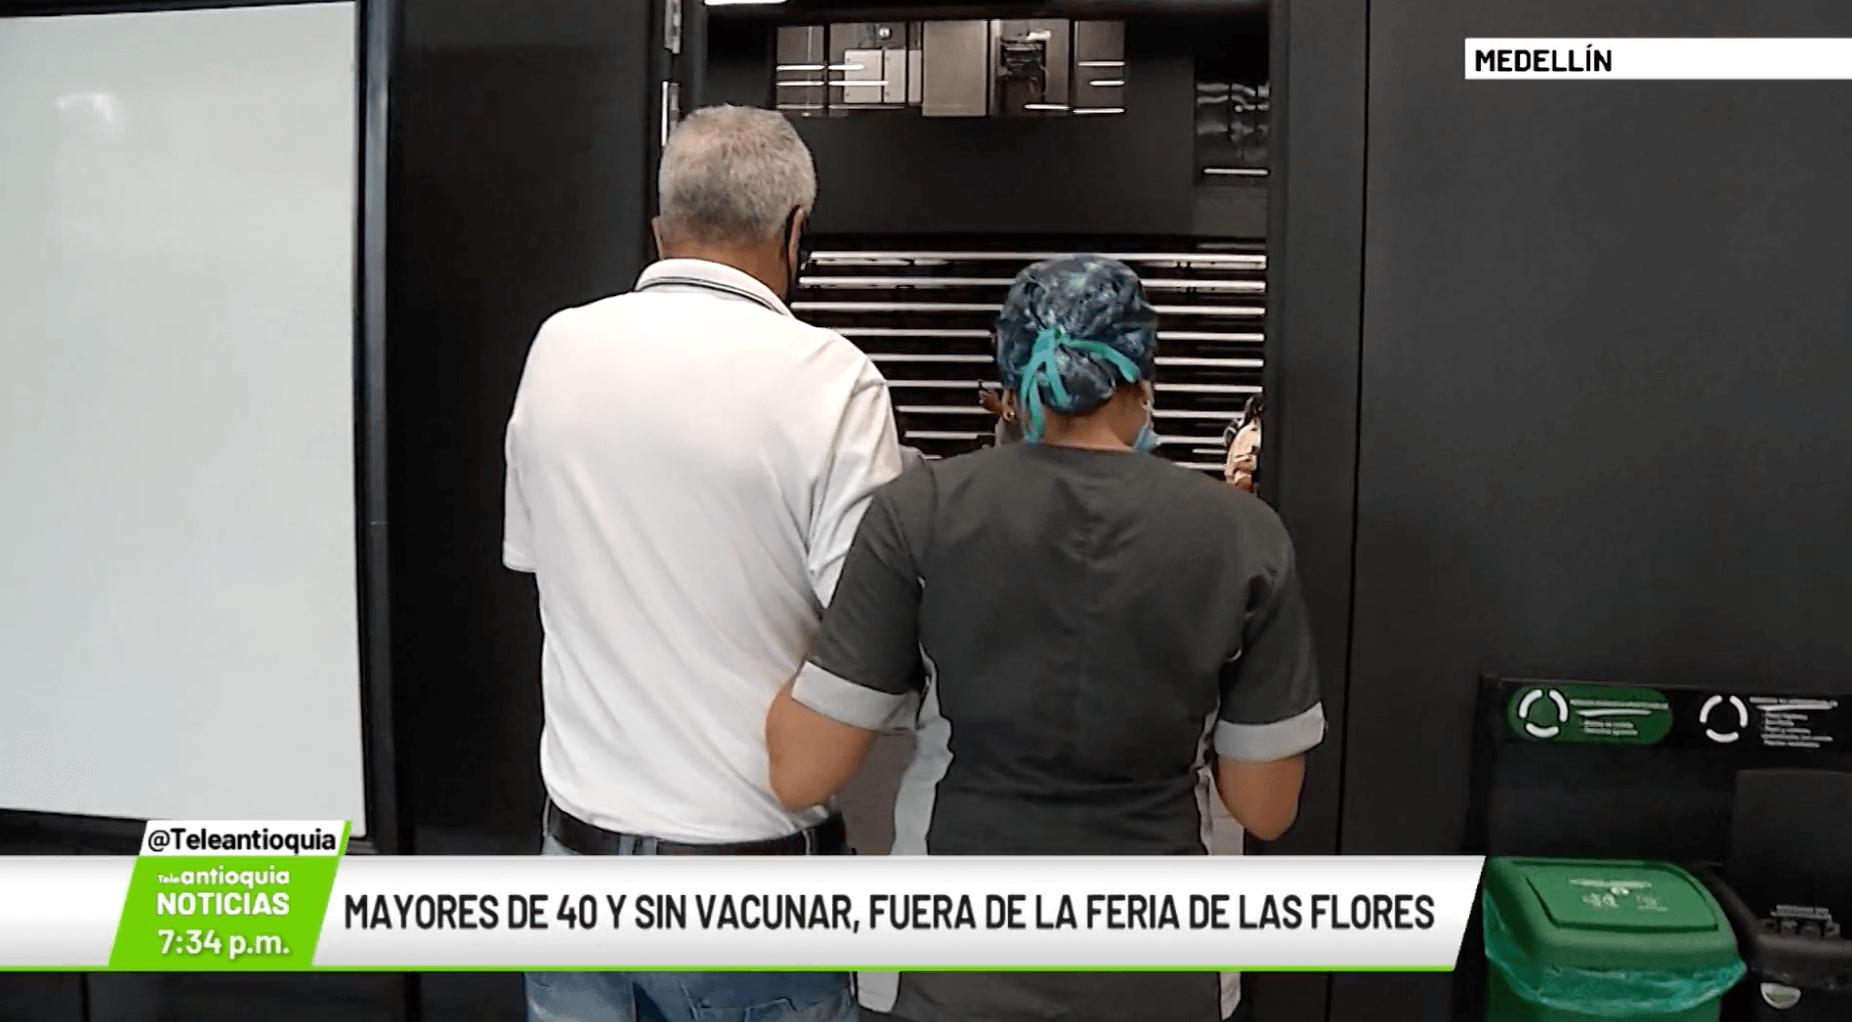 Mayores de 40 y sin vacunar, fuera de la Feria de Flores